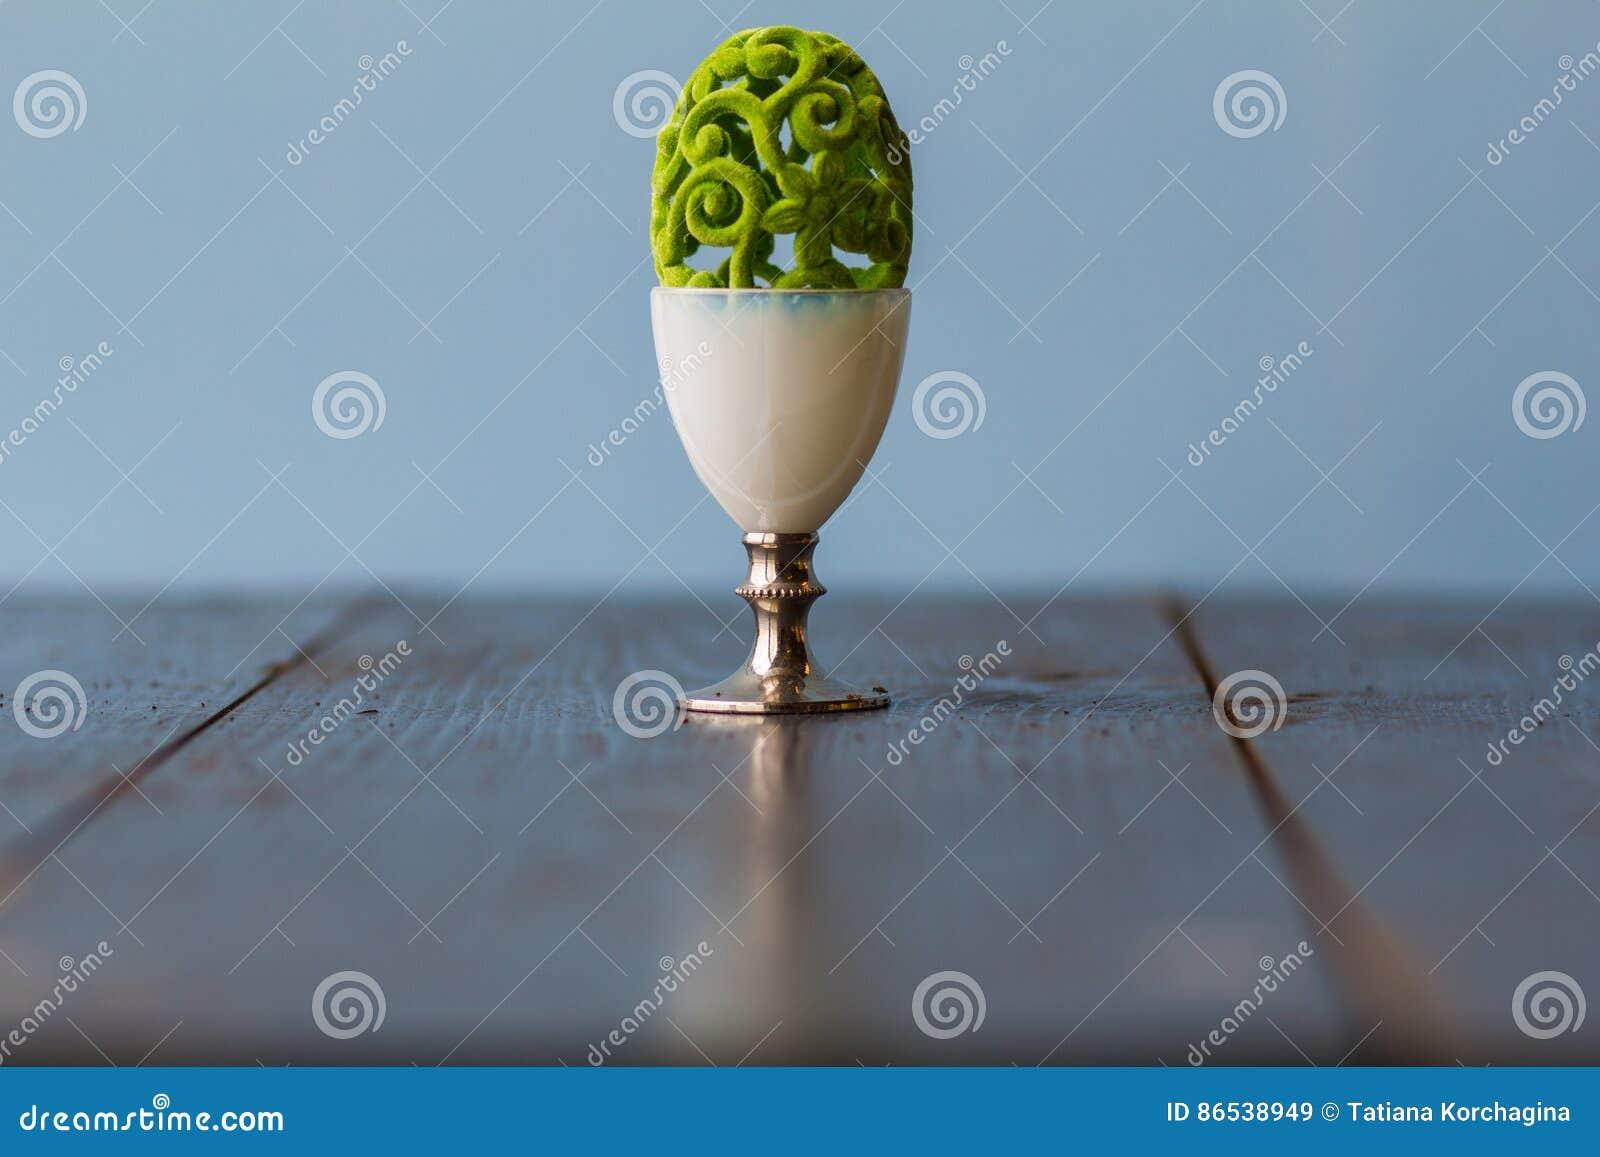 在一个特别鸡蛋的异常的精美复活节装饰透雕细工鸡蛋